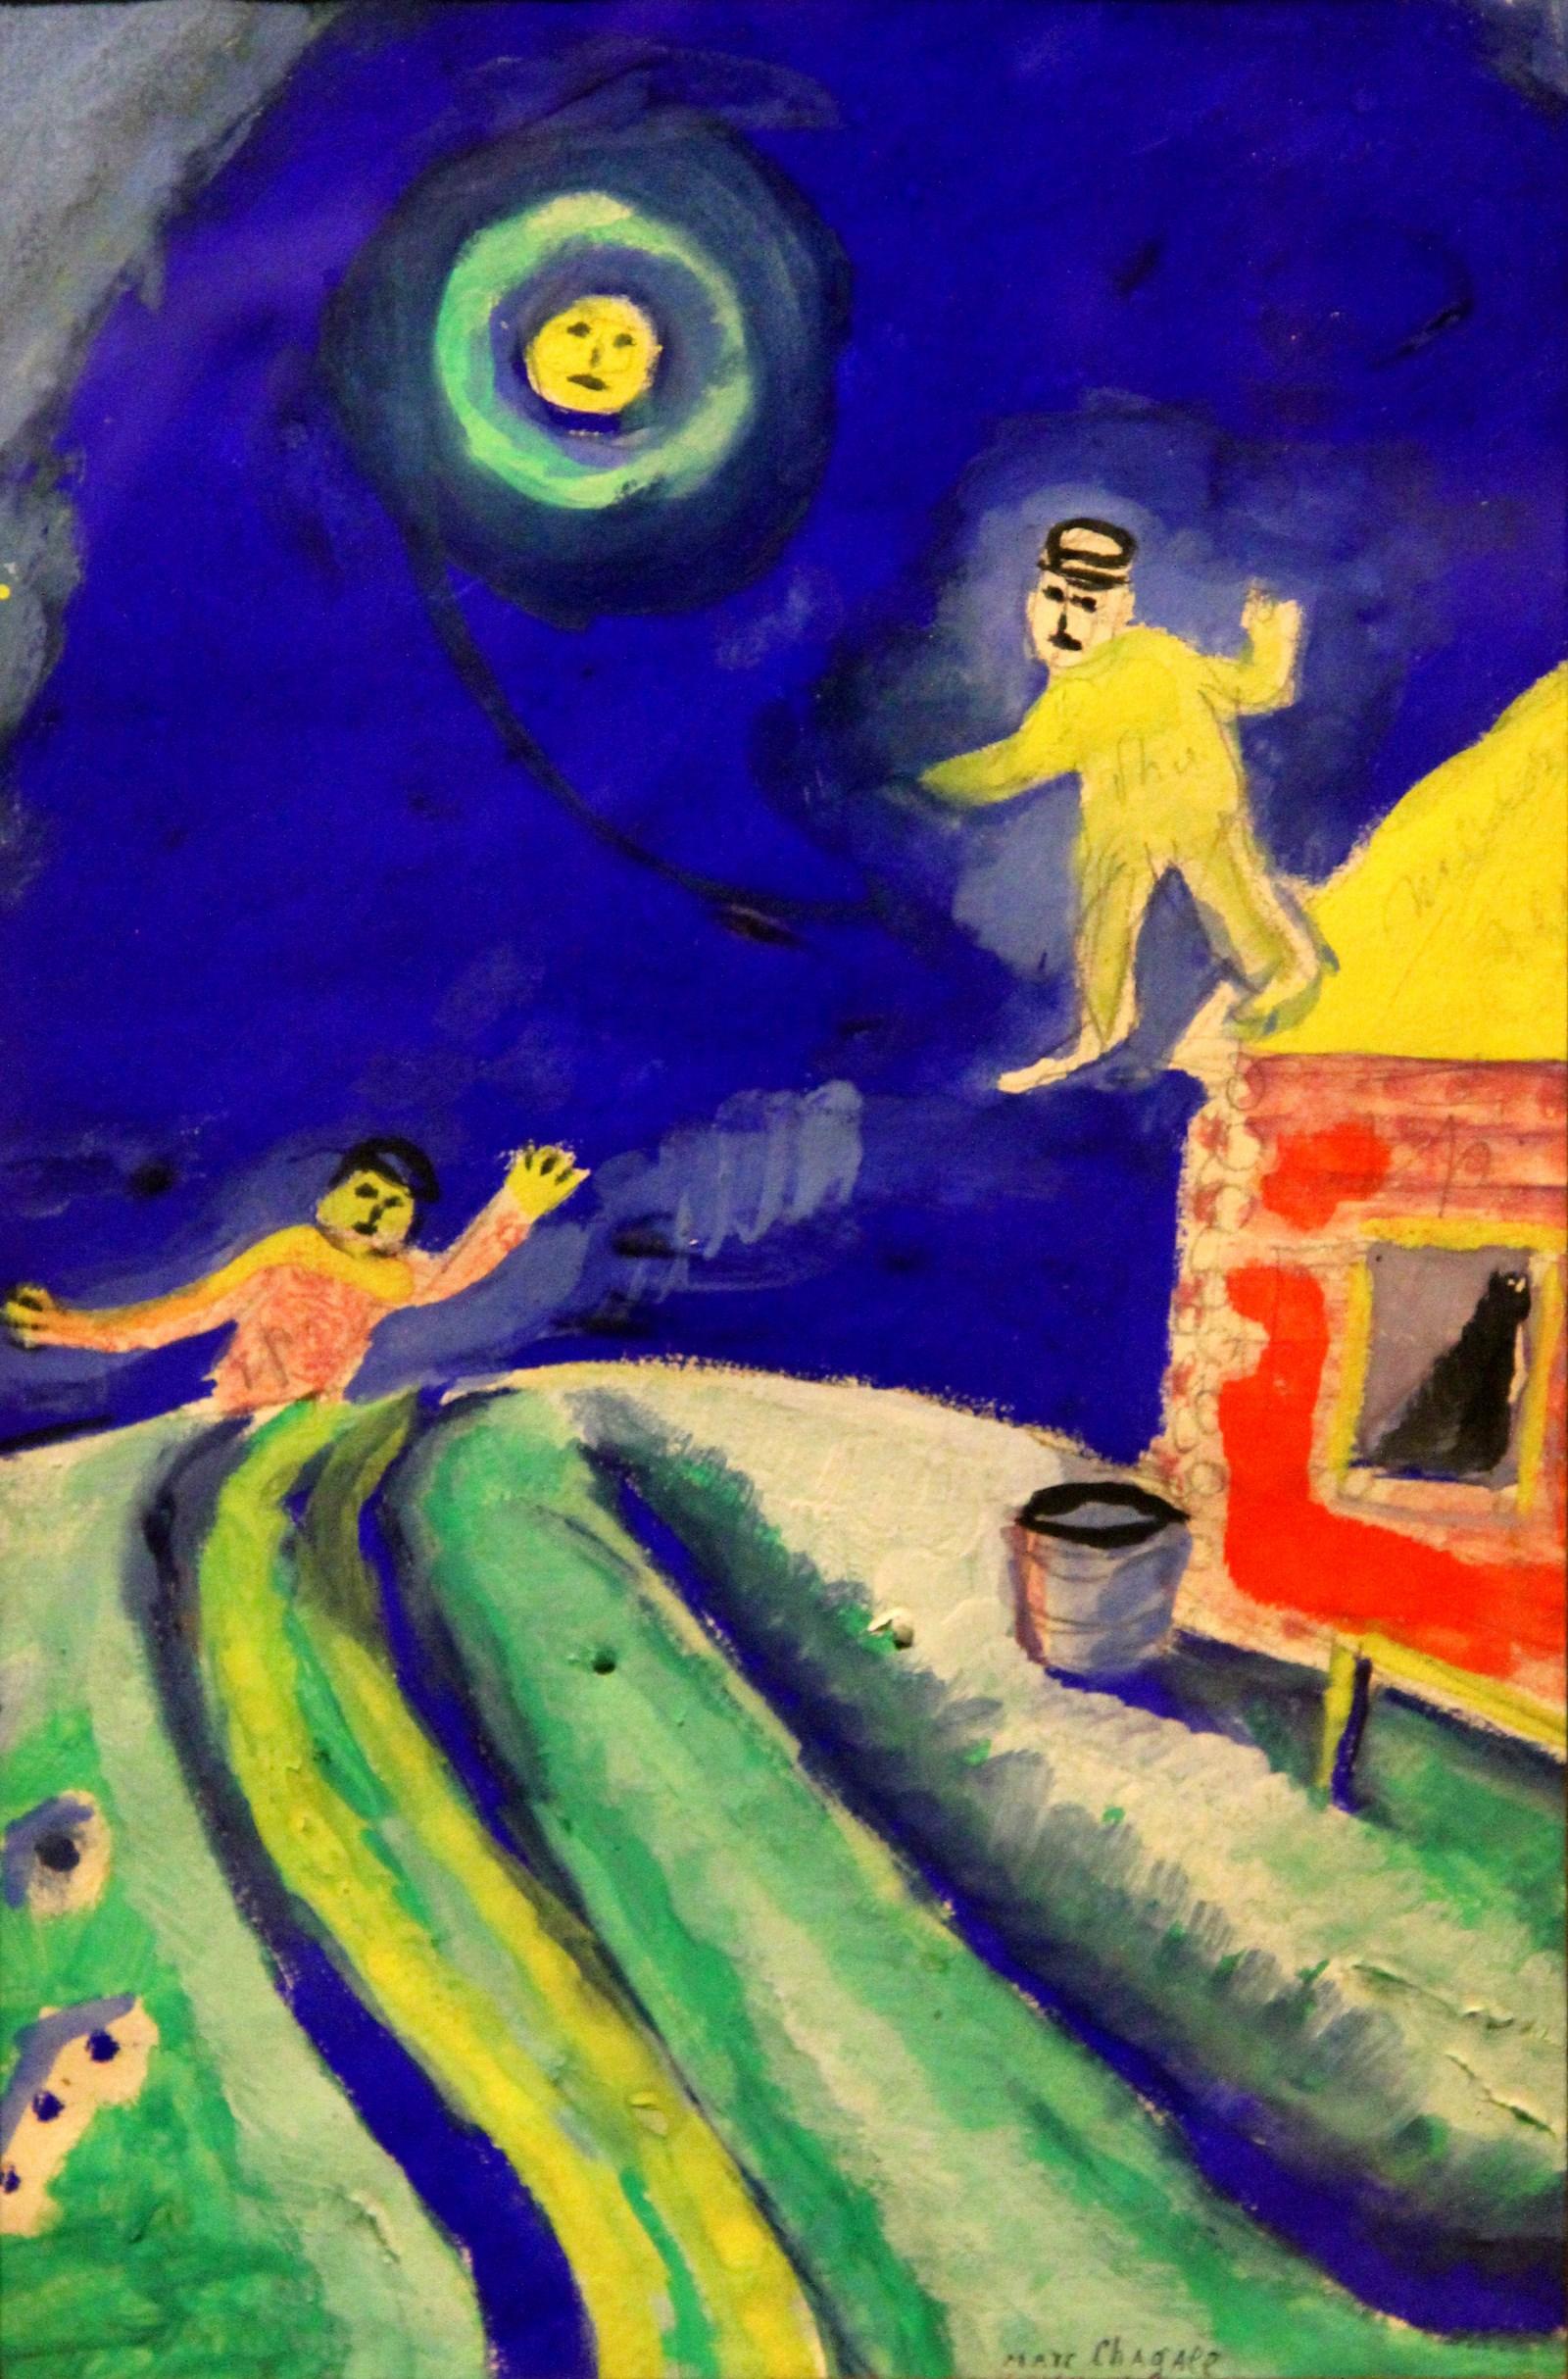 Шагал Марк. 1887-1985 Лунатик. 1911-1912 Бумага, гуашь, карандаш. Из корпоративной коллекции Белгазпромбанка